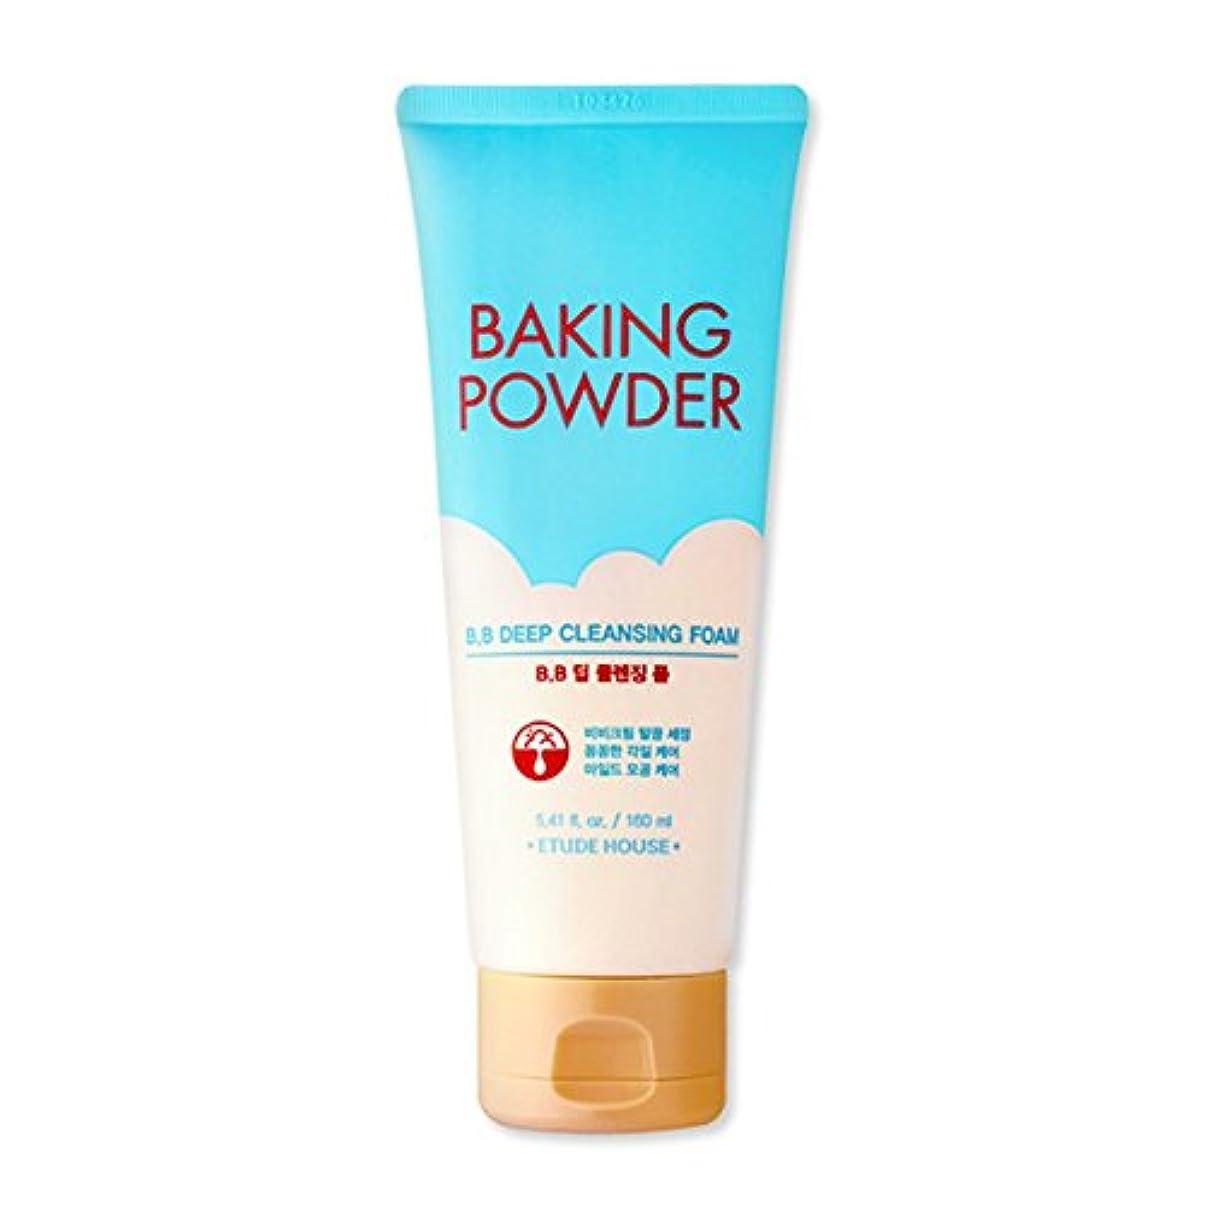 指導するばかぞっとするような[2016 Upgrade!] ETUDE HOUSE Baking Powder B.B Deep Cleansing Foam 160ml/エチュードハウス ベーキング パウダー B.B ディープ クレンジング フォーム...